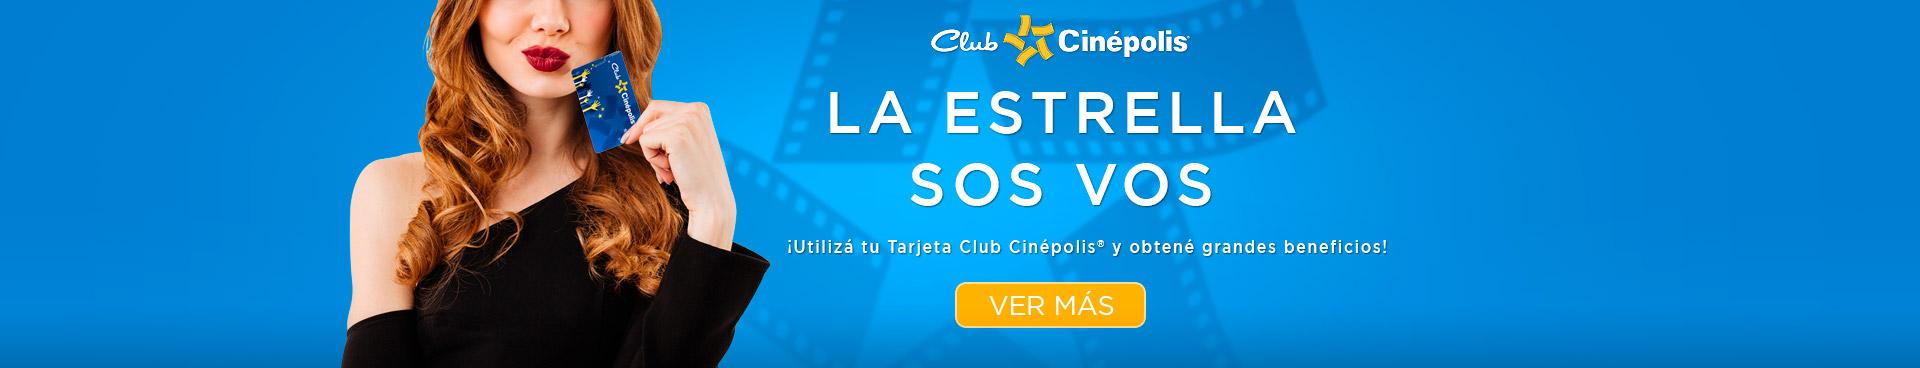 Precio especial en Tarjeta Club Cinépolis